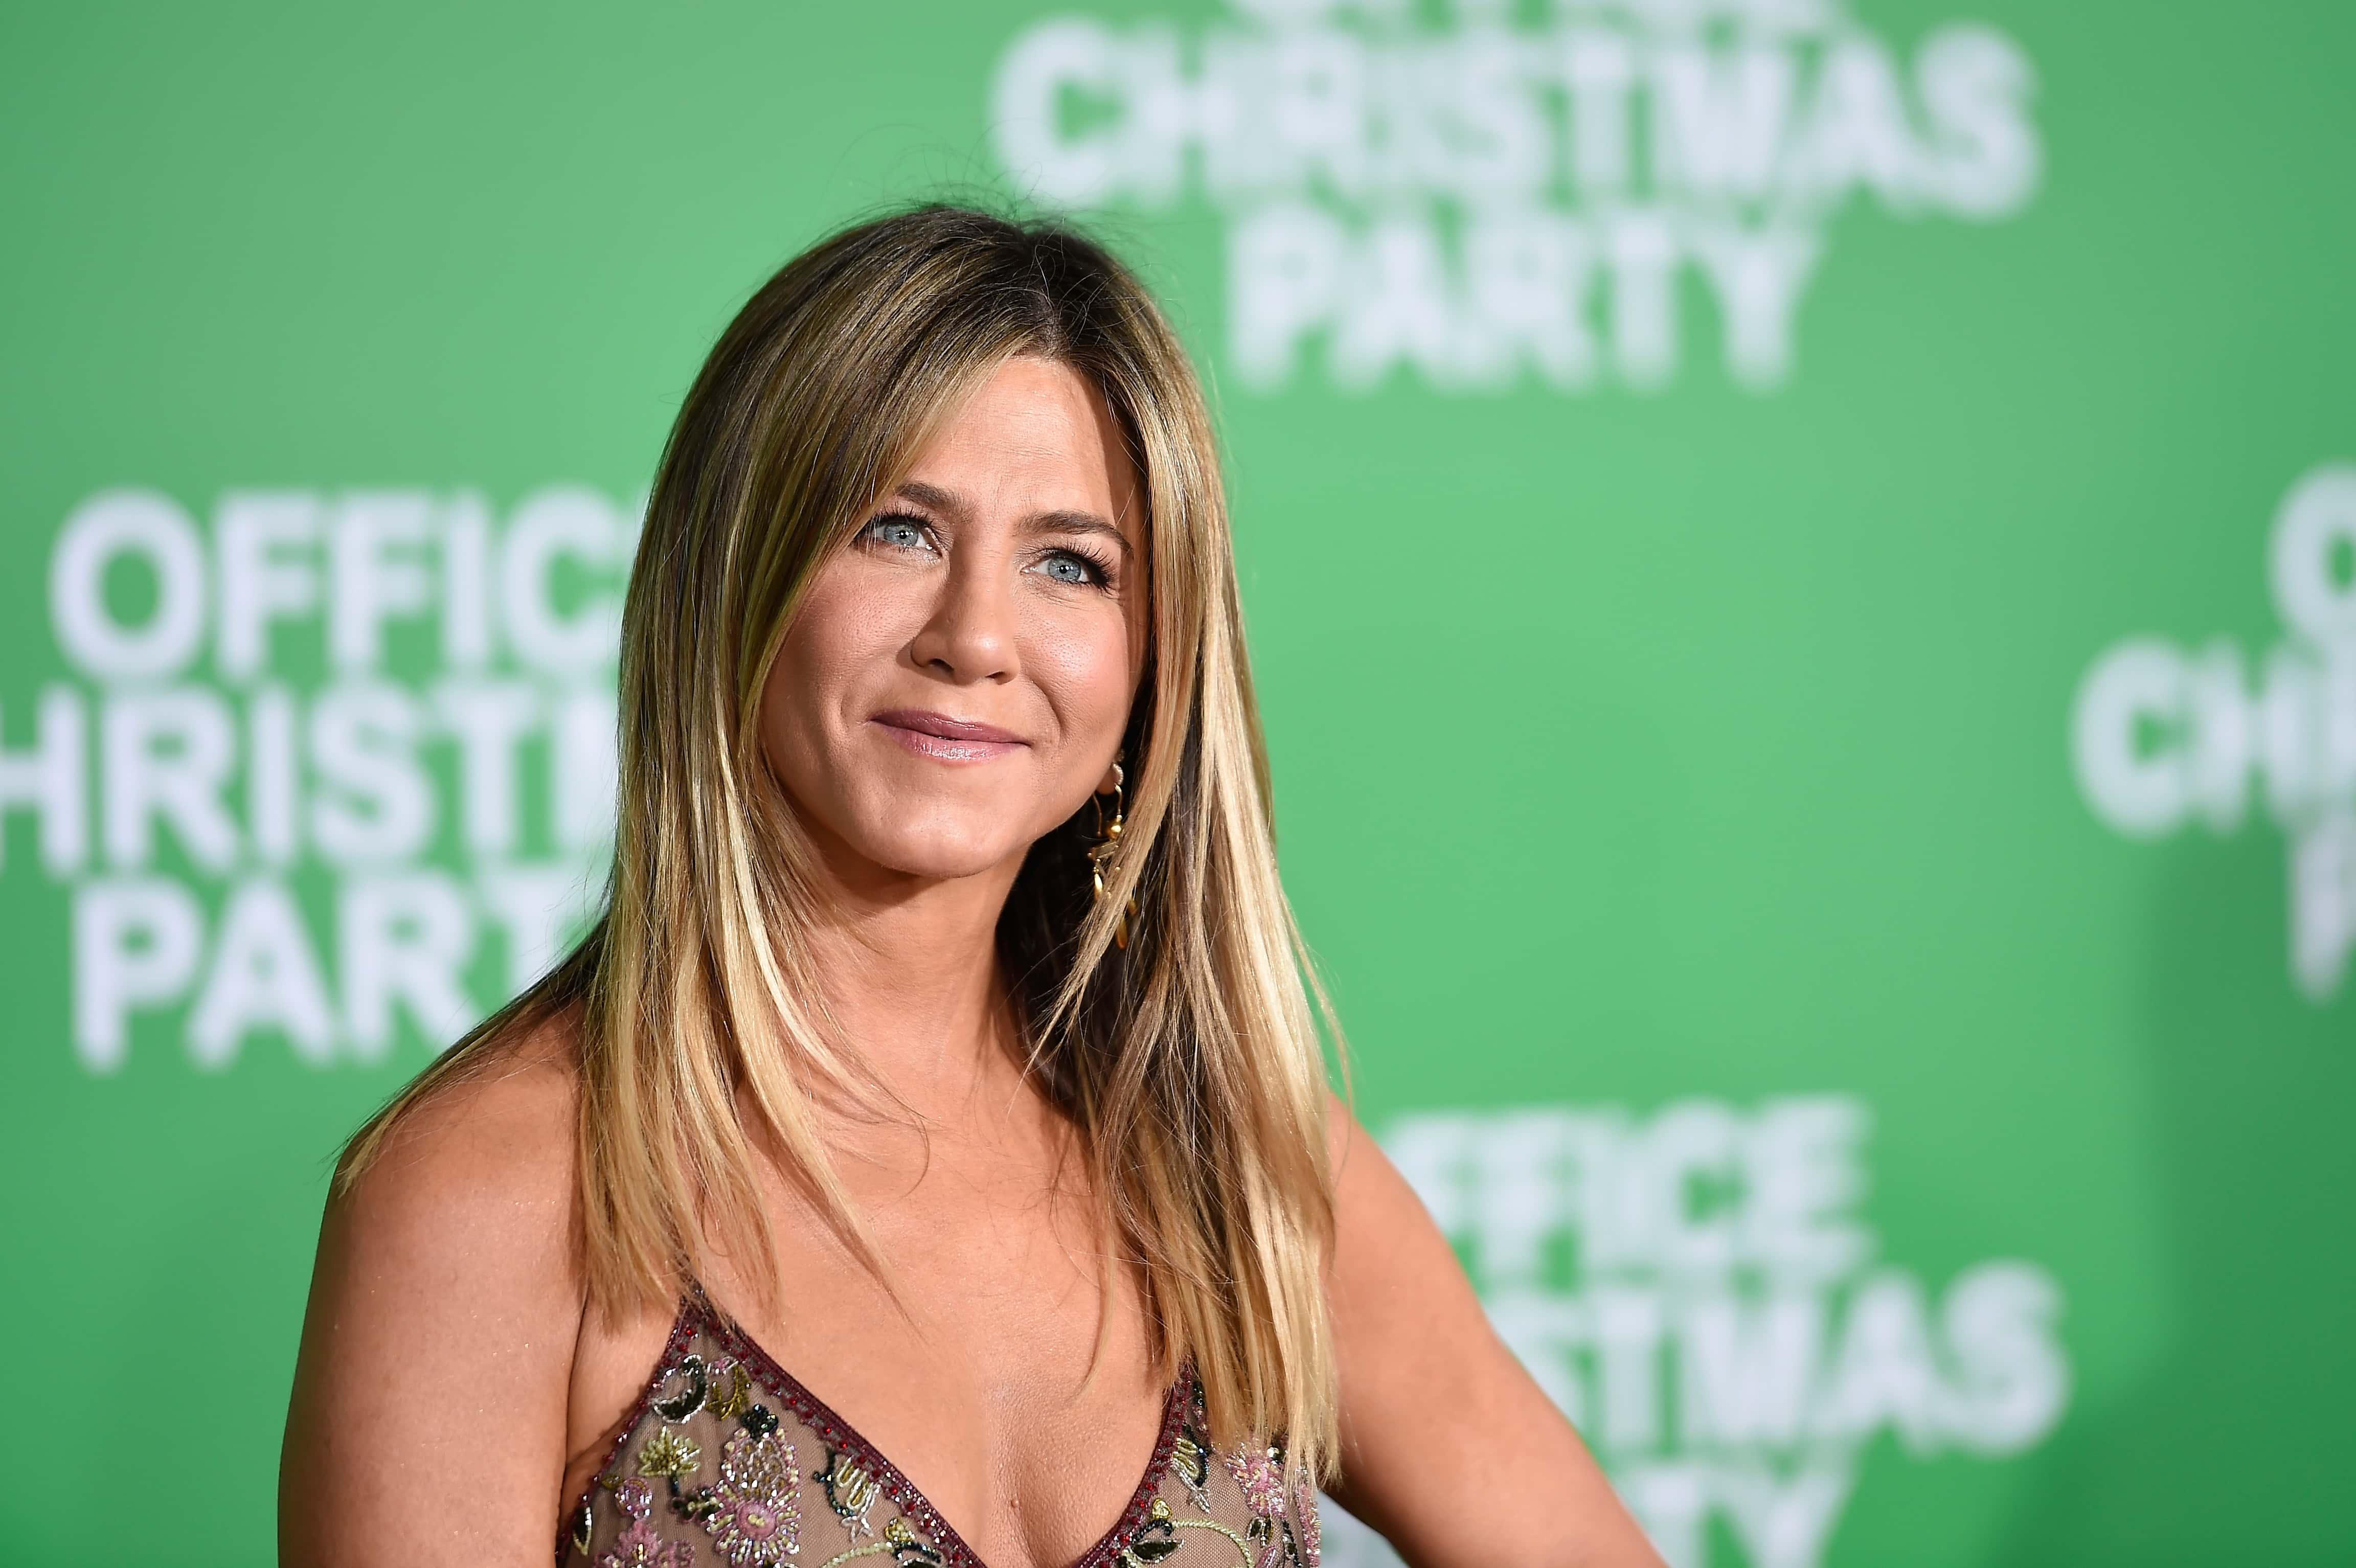 Jennifer Aniston Facts